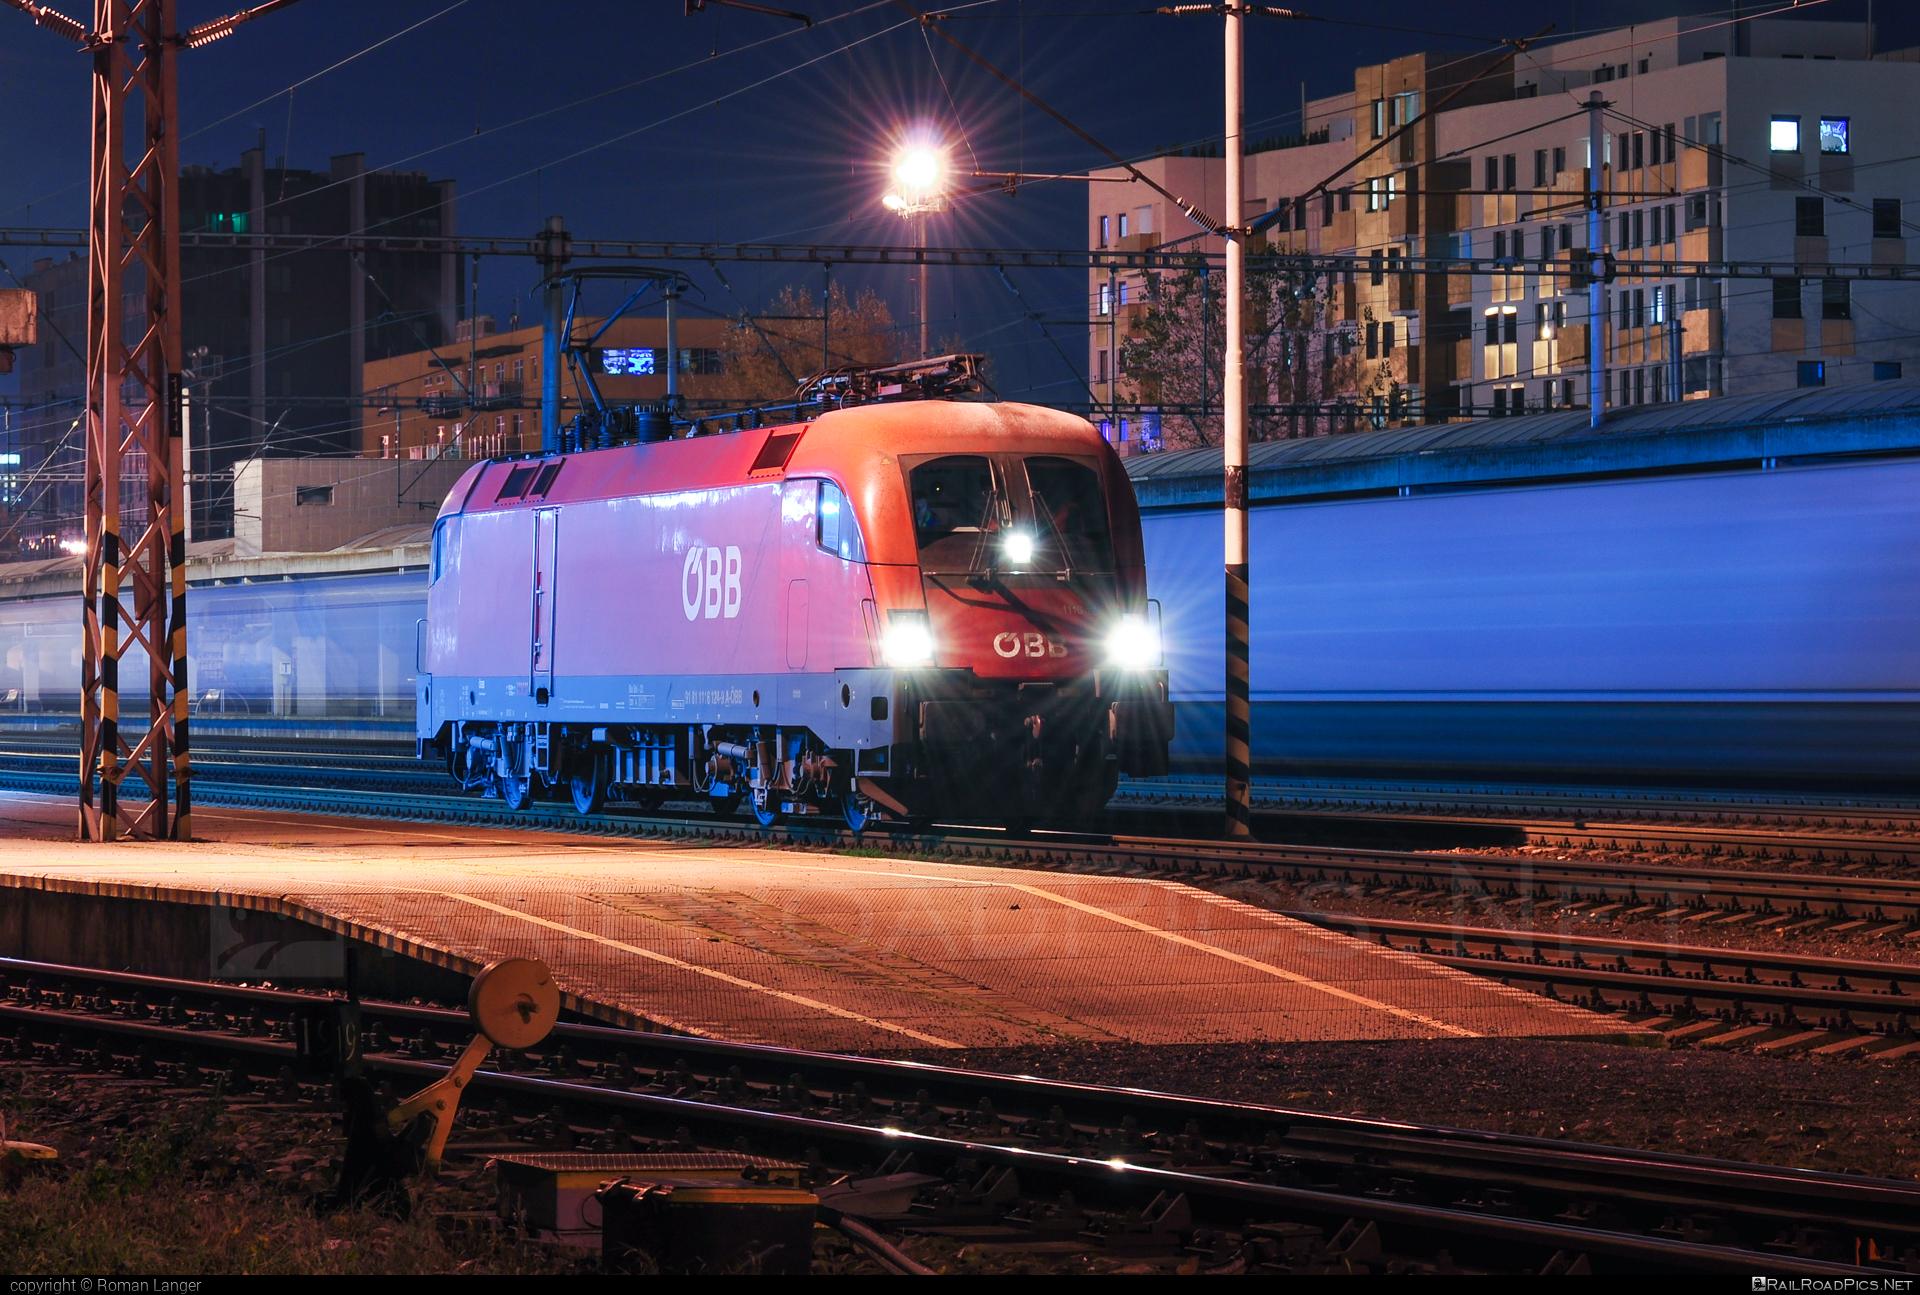 Siemens ES 64 U2 - 1116 124-9 operated by Rail Cargo Austria AG #es64 #es64u #es64u2 #eurosprinter #obb #osterreichischebundesbahnen #rcw #siemens #siemenses64 #siemenses64u #siemenses64u2 #siemenstaurus #taurus #tauruslocomotive